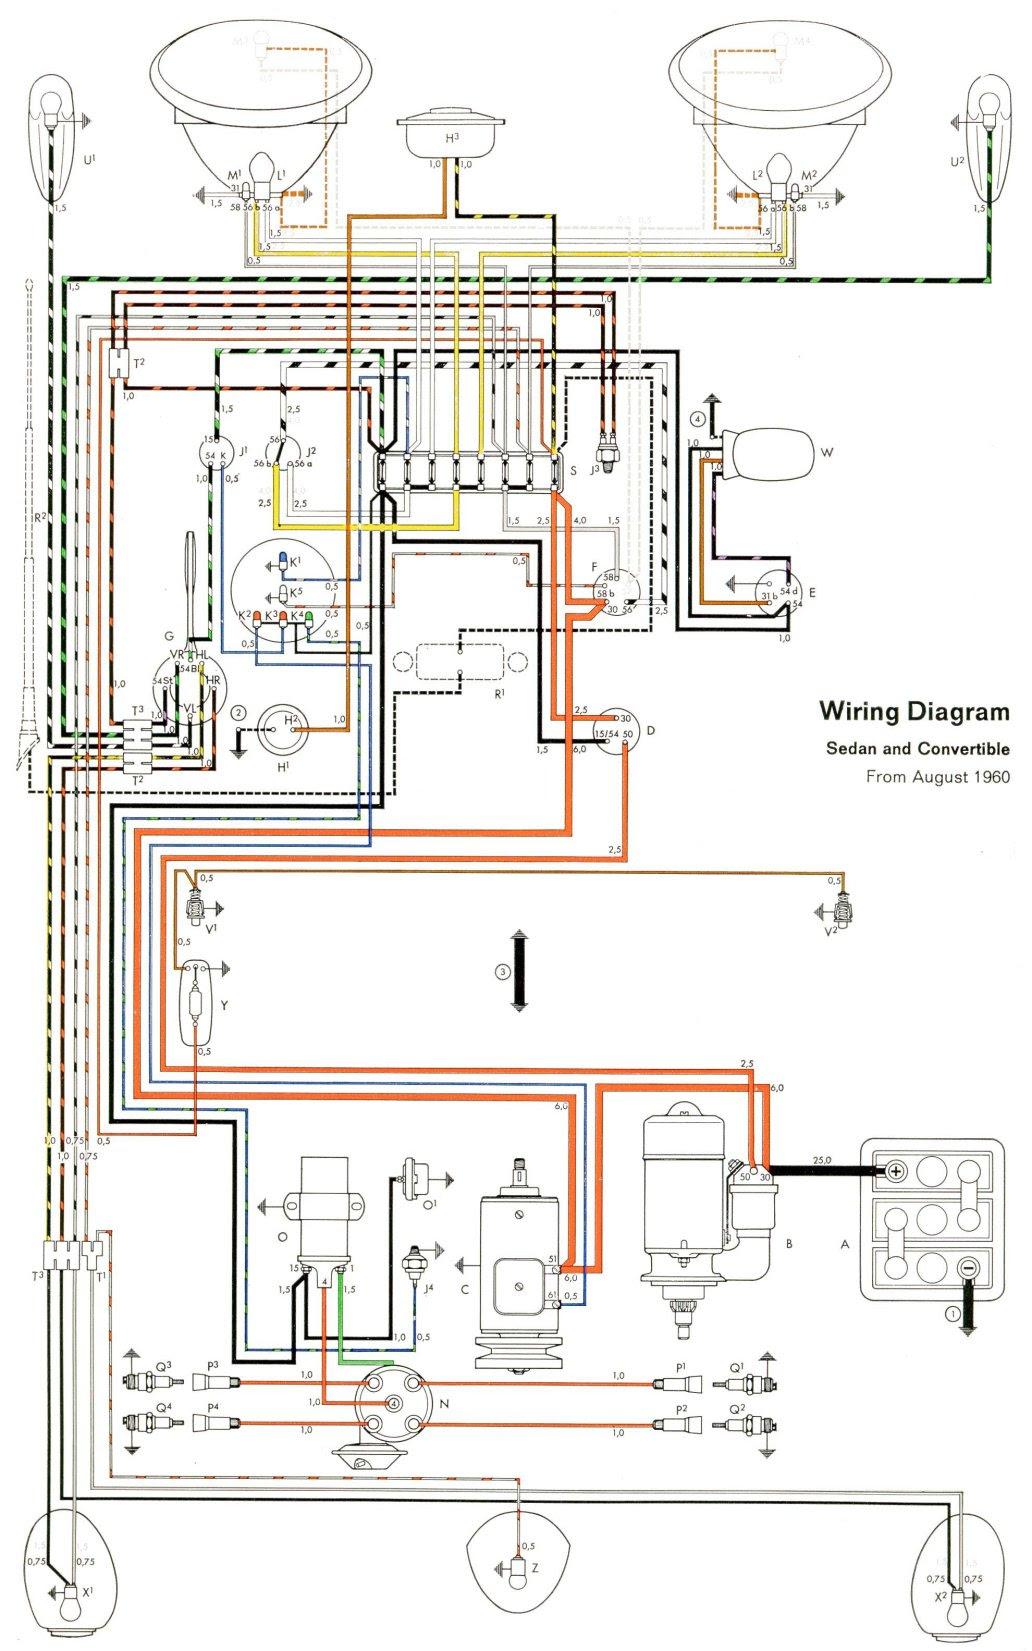 1973 Fiat 1300 Wiring Diagram 1965 Chevrolet C20 Truck Wiring Diagram Bege Wiring Diagram